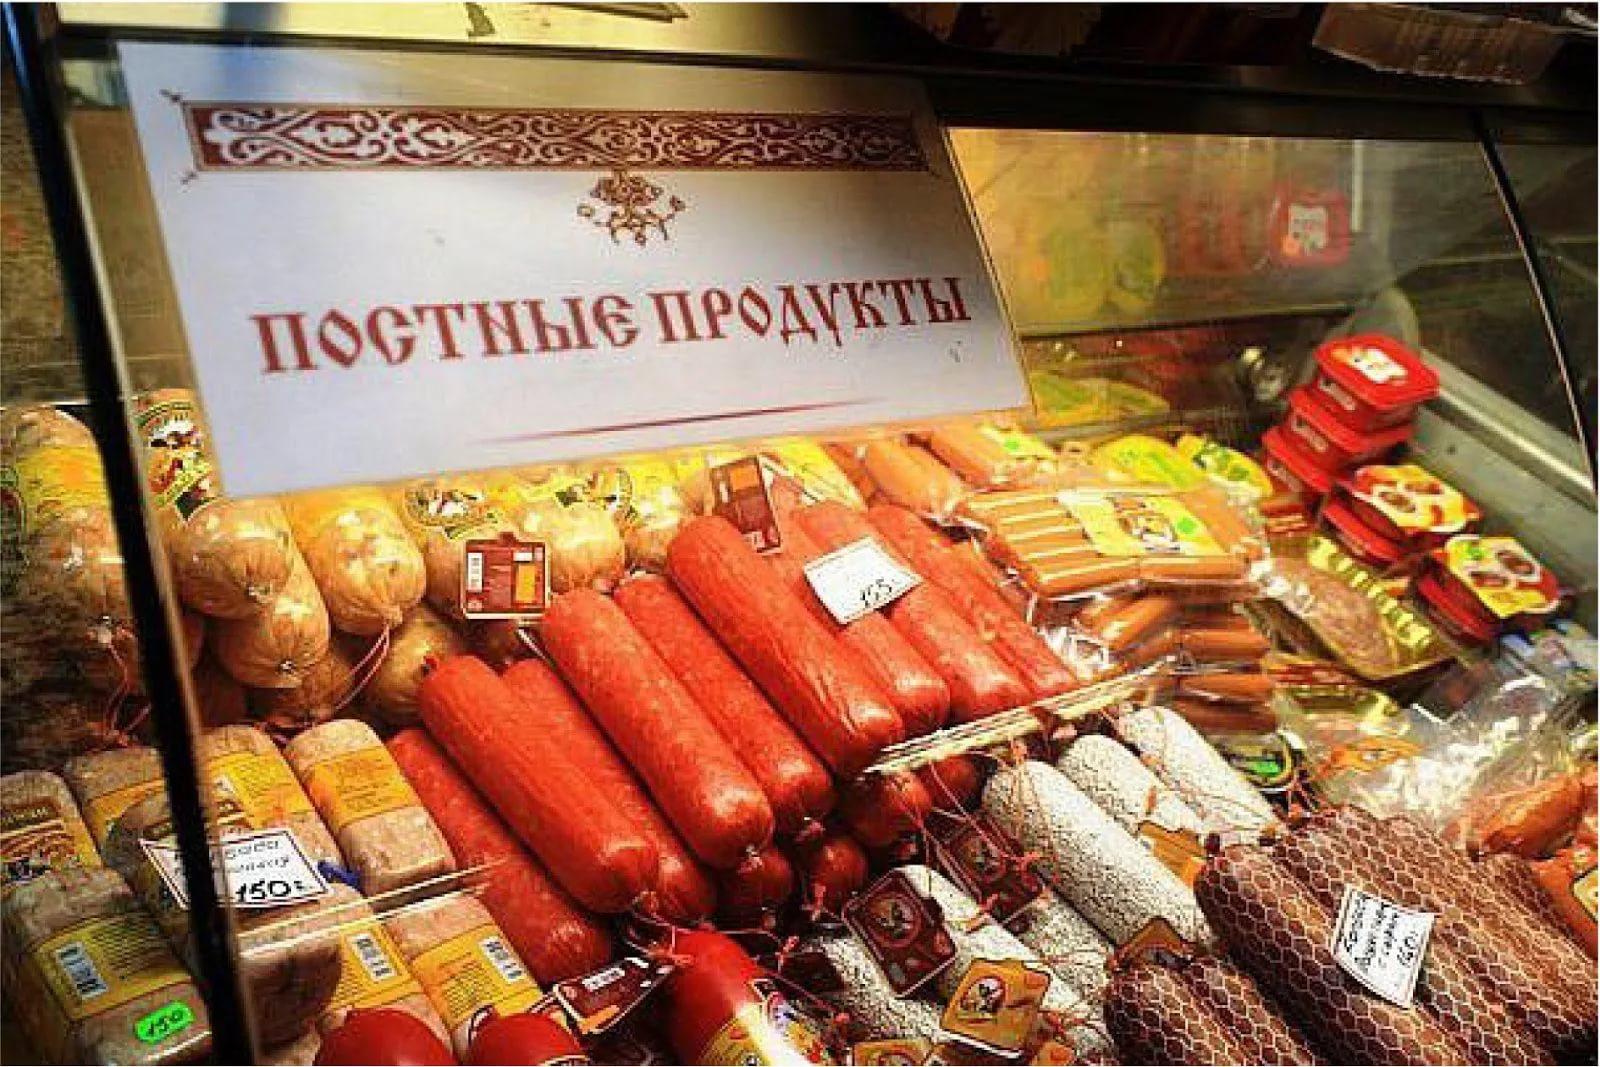 Картинки дню, смешные картинки о магазинах продуктовых